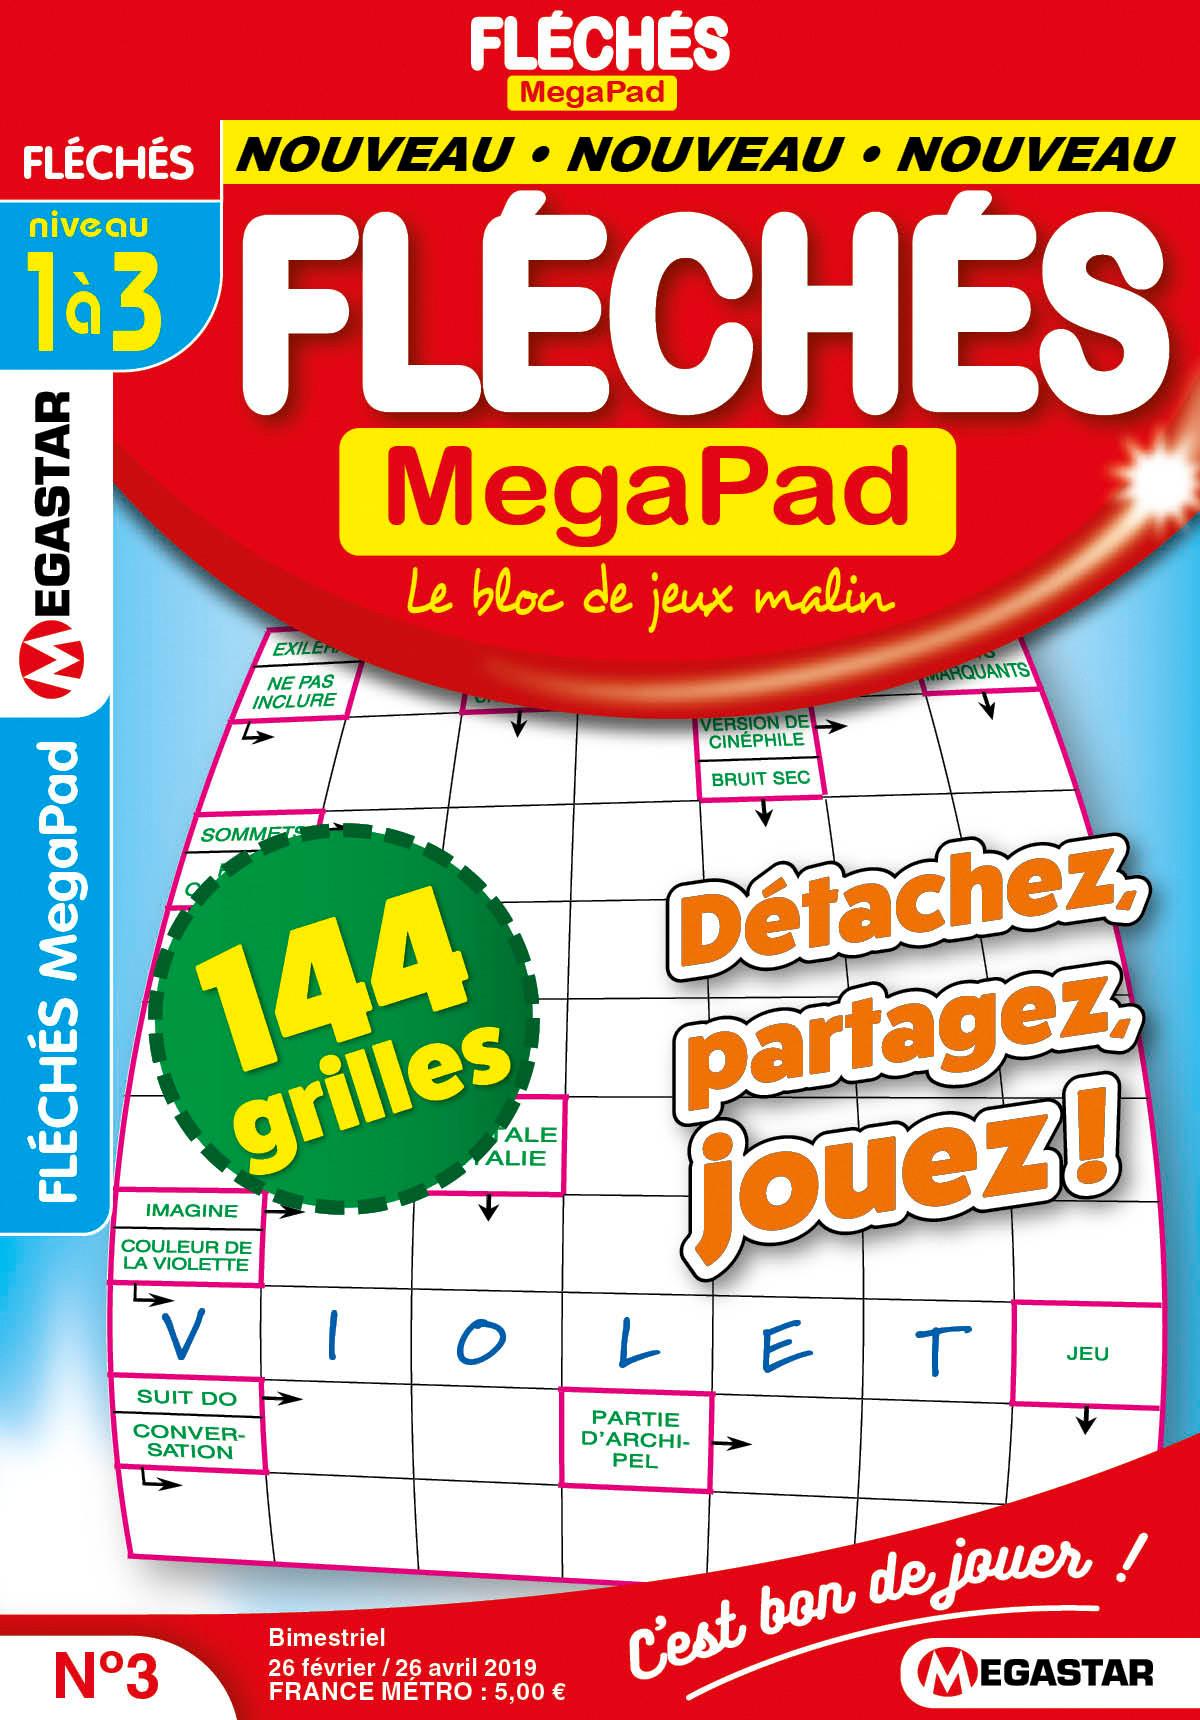 Fléchés Megapad tout Les Mot Fleches Gratuits